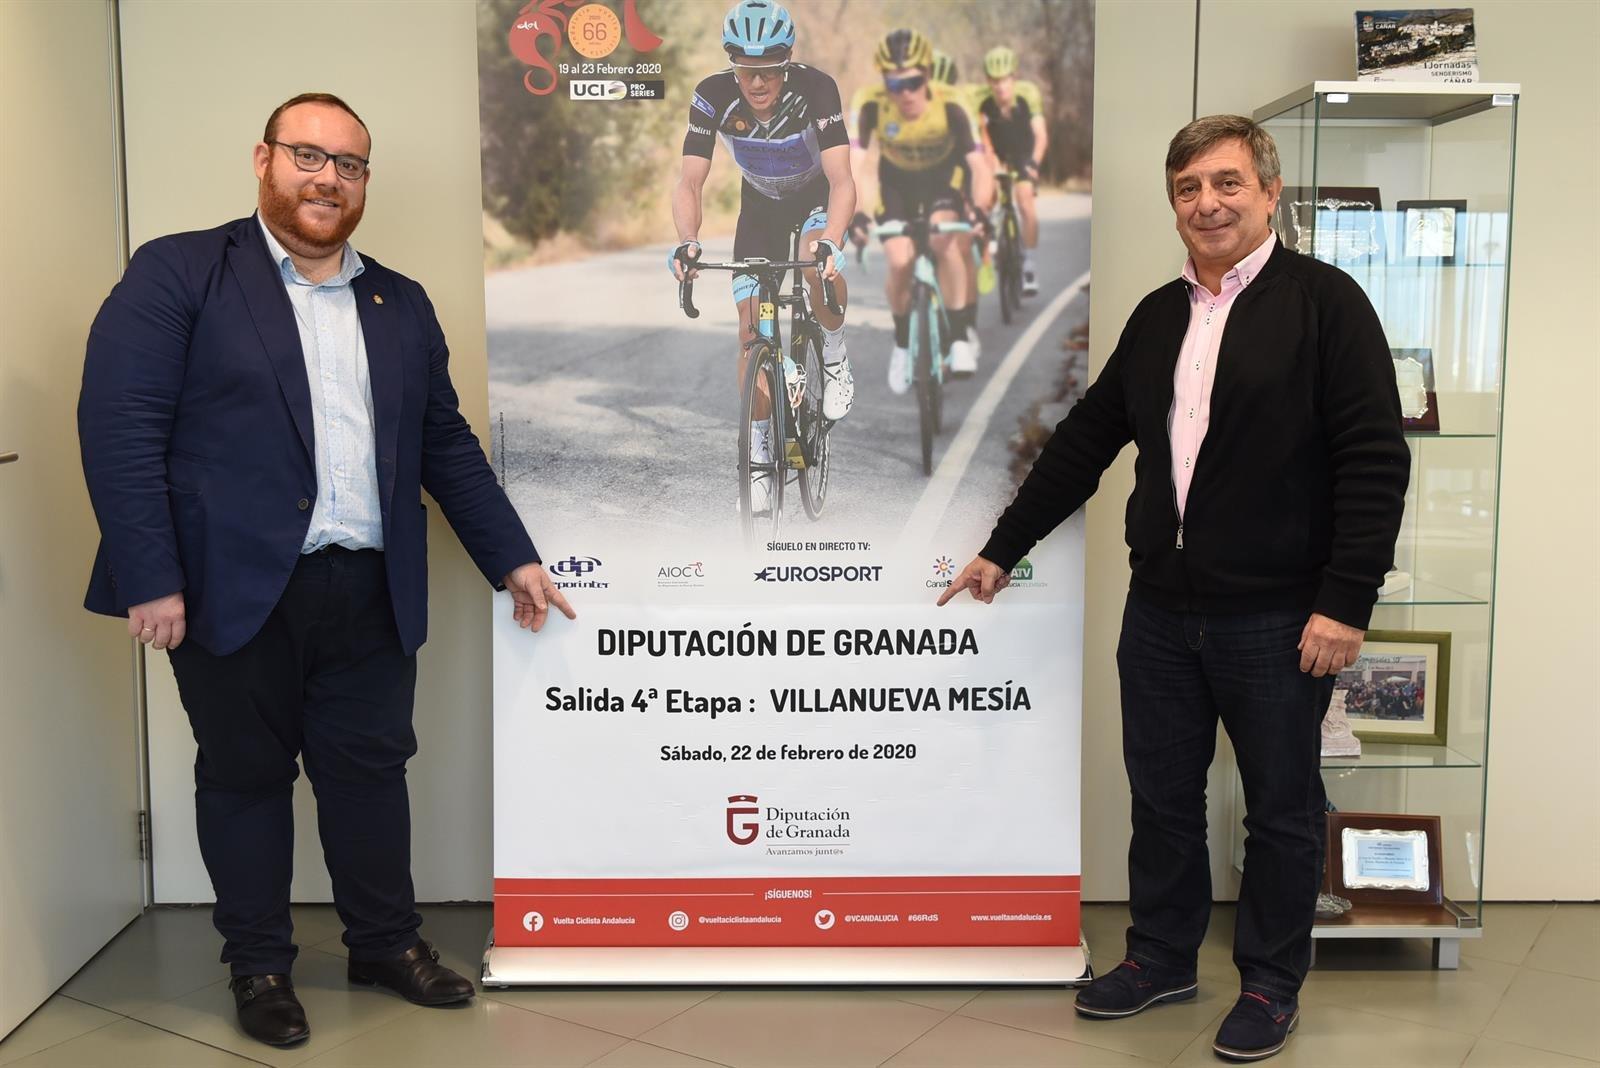 La cuarta etapa de la Vuelta Ciclista a Andalucía recorrerá 19 poblaciones de la provincia